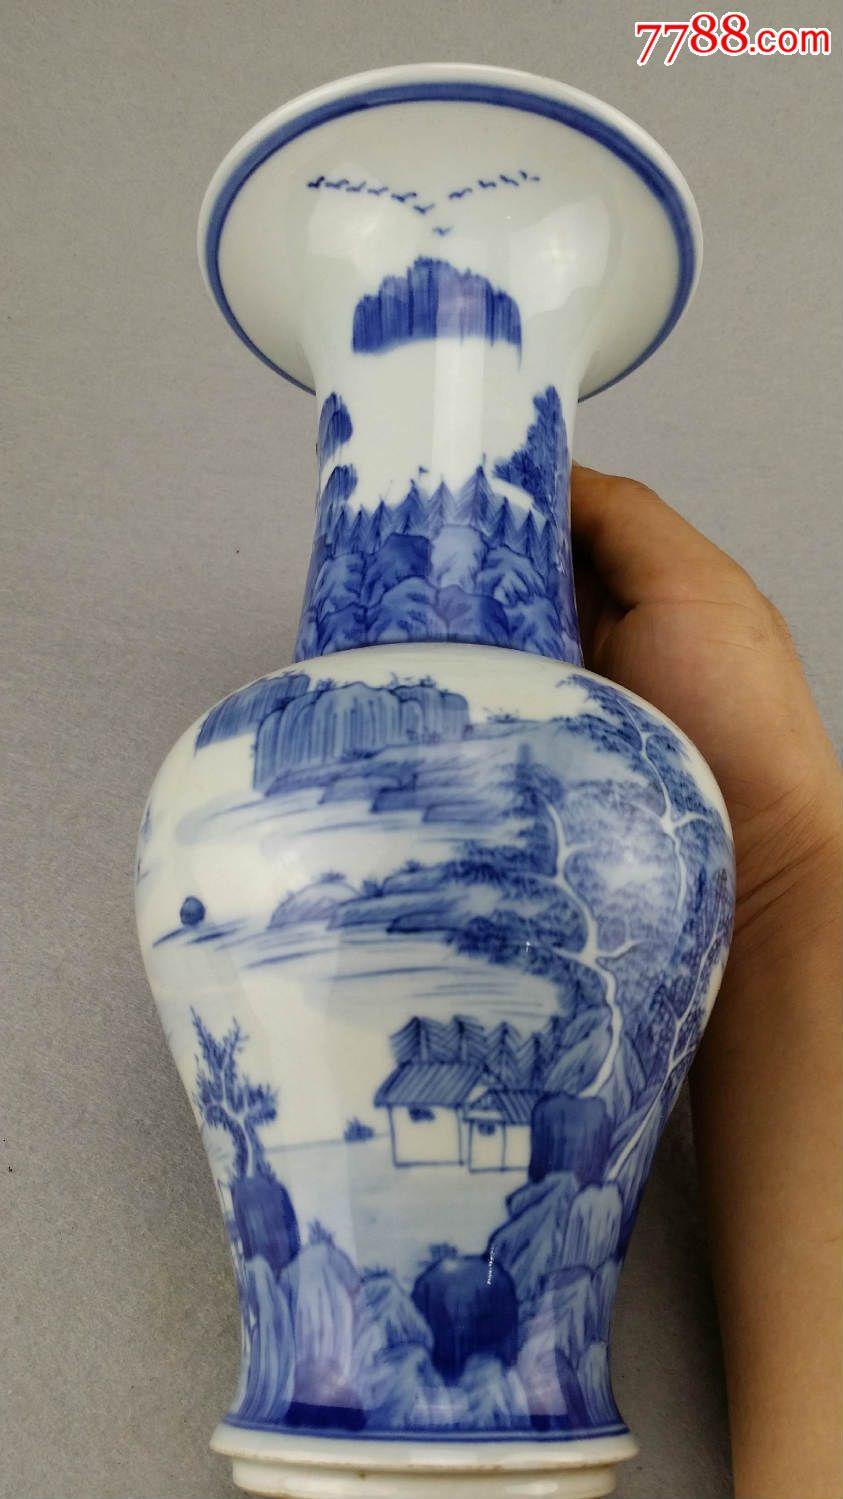 乡下收来的山水风景画青花瓷瓶瓷器